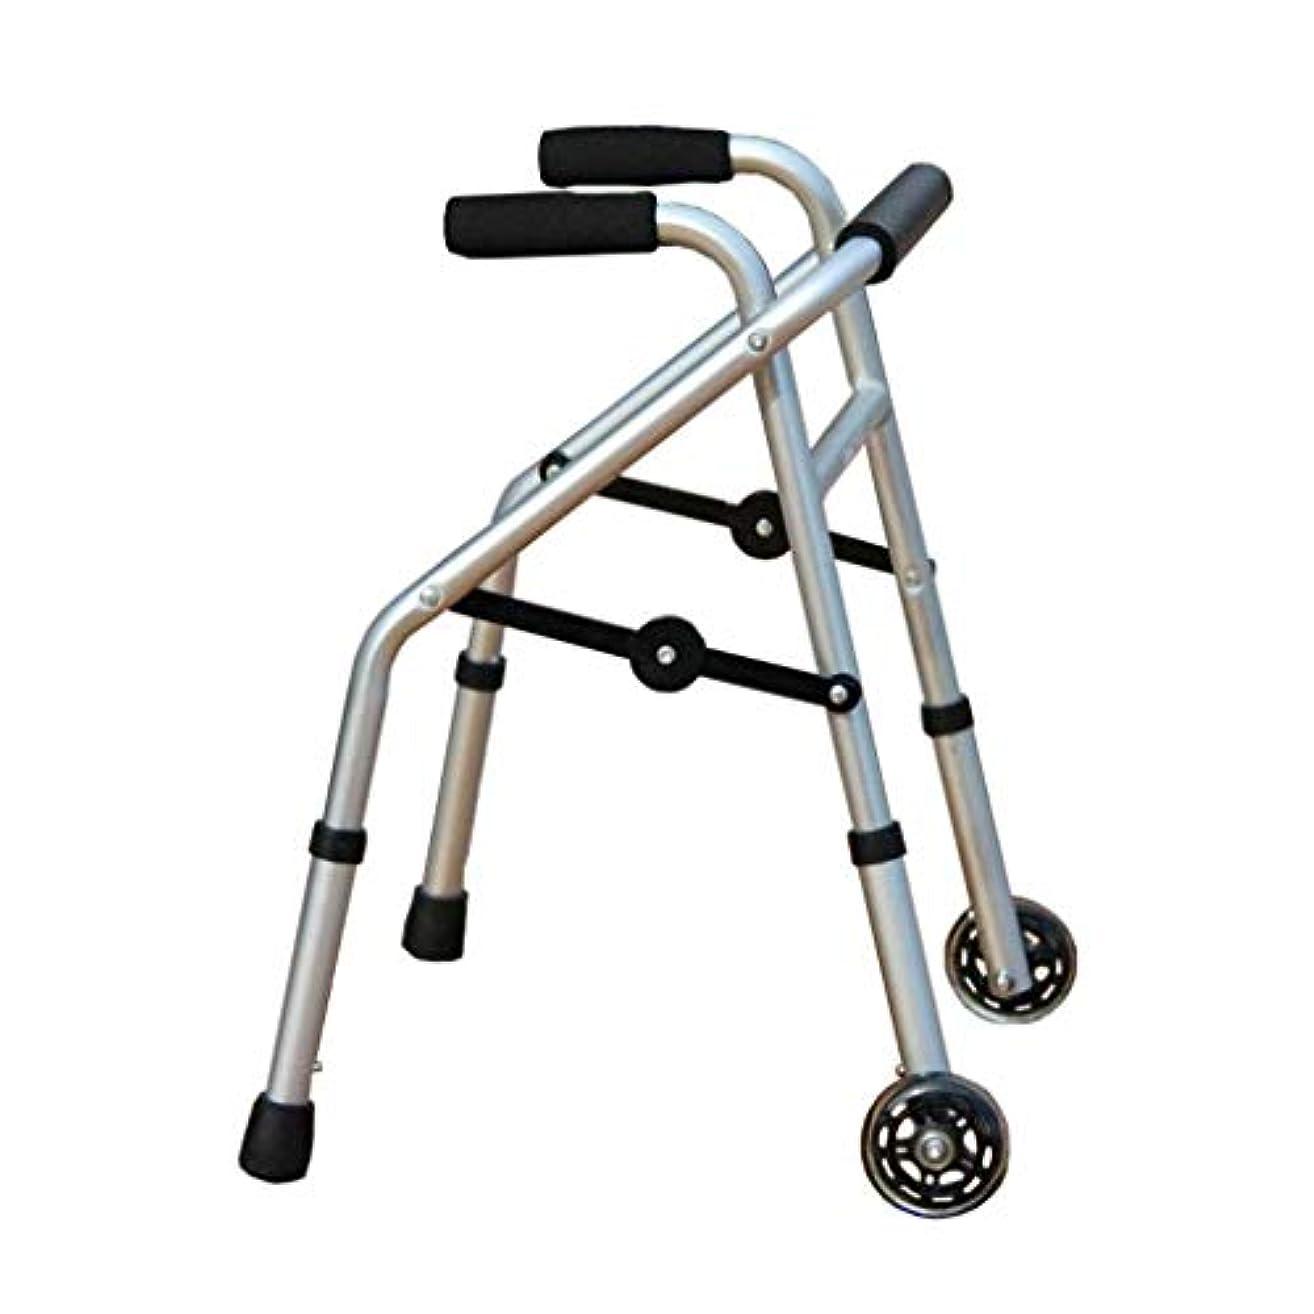 すき頼るファランクス子供用ウォーキングフレーム、軽量折りたたみ式歩行器、高さ調節可能子供用